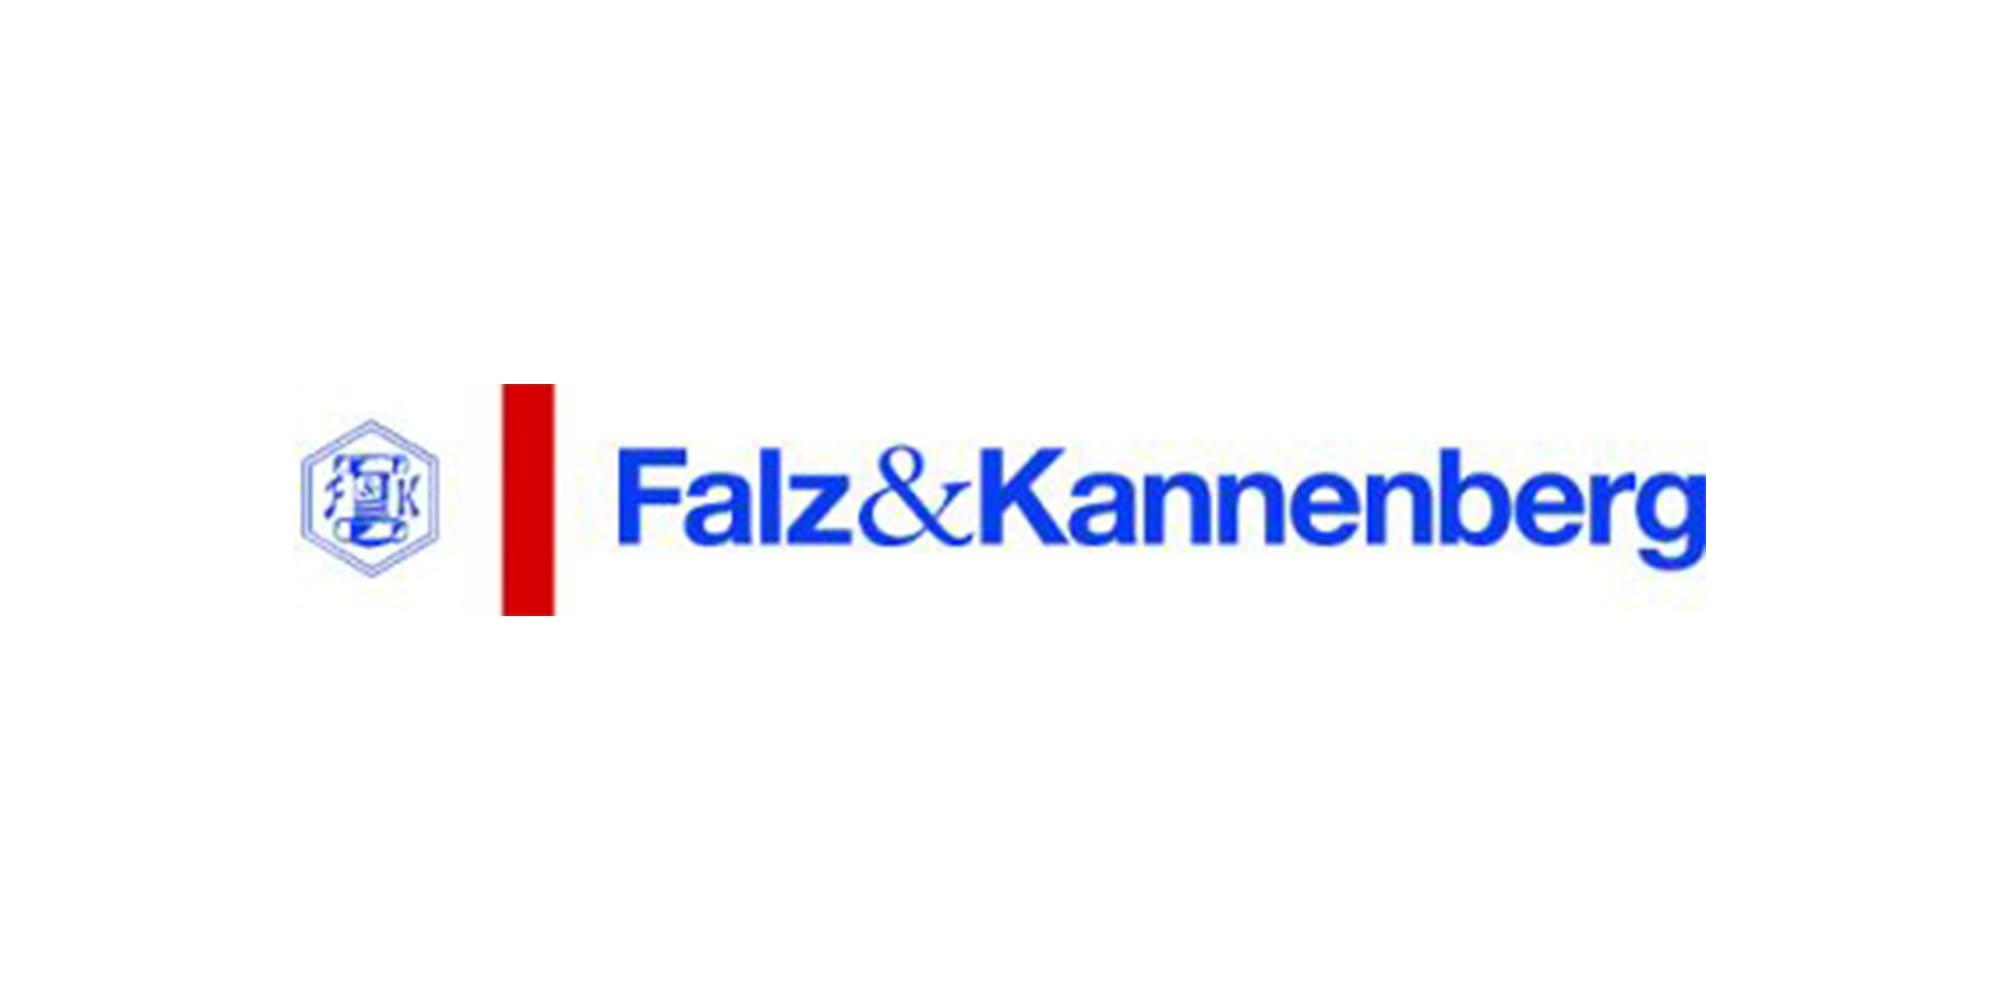 faluundkannenberg_logo